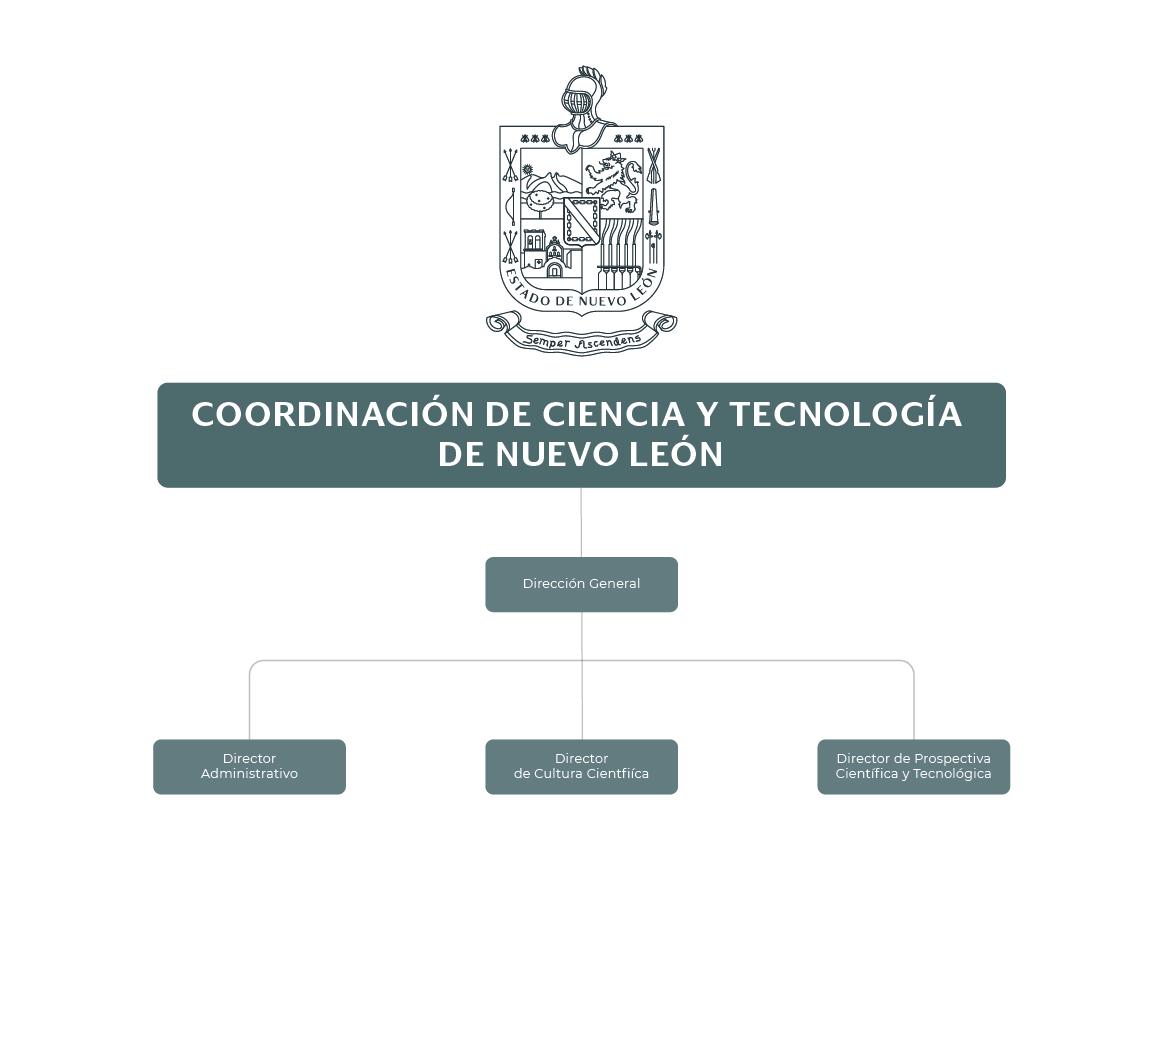 Organigrama de la Coordinación de Ciencia y Tecnología de Nuevo León